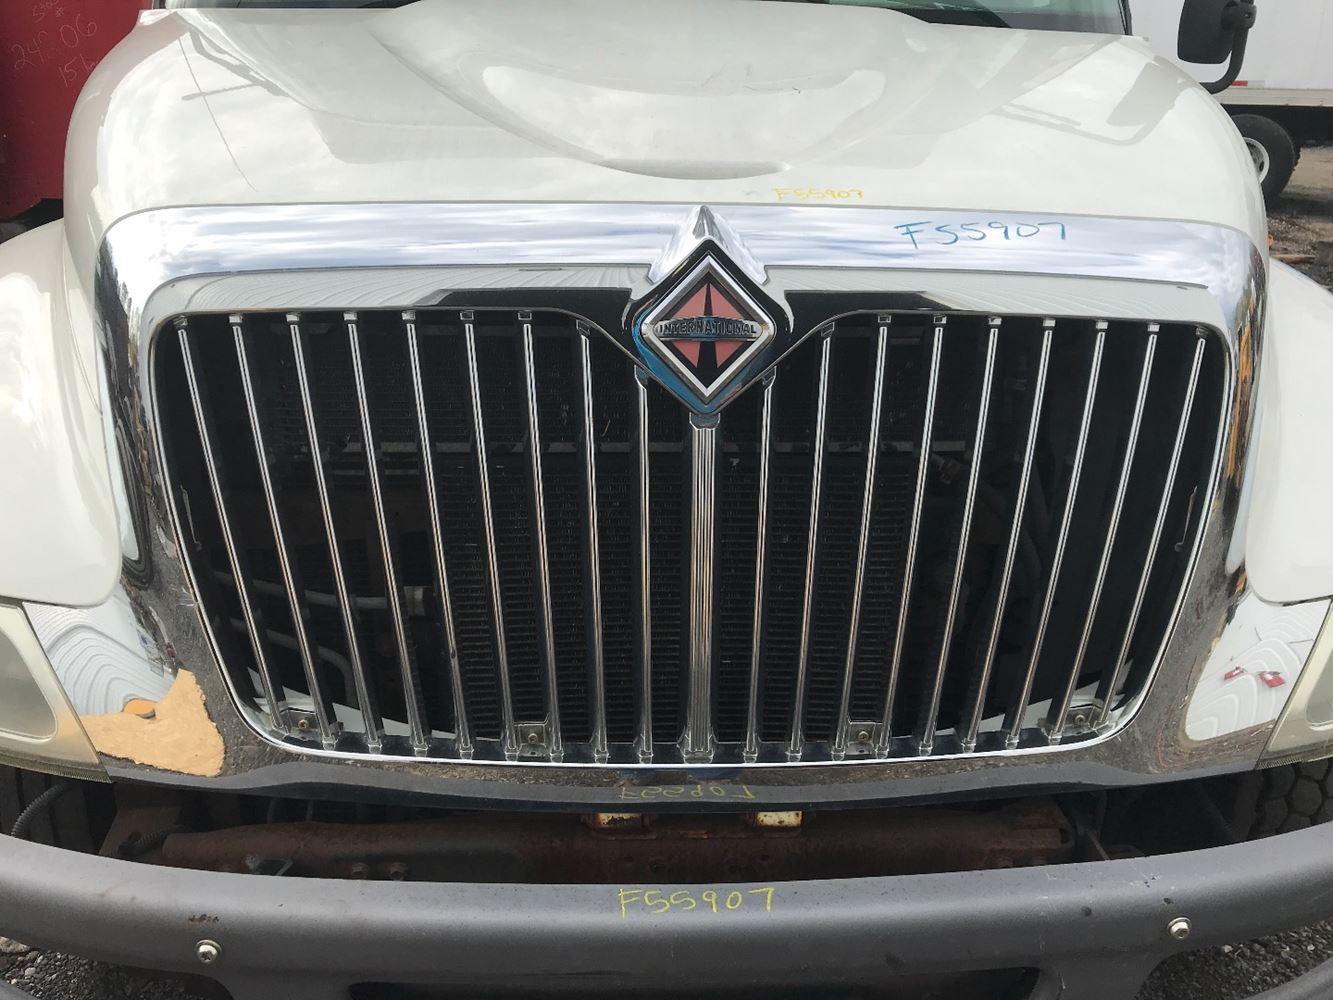 2009 INTERNATIONAL 4300V GRILLE TRUCK PARTS #681038